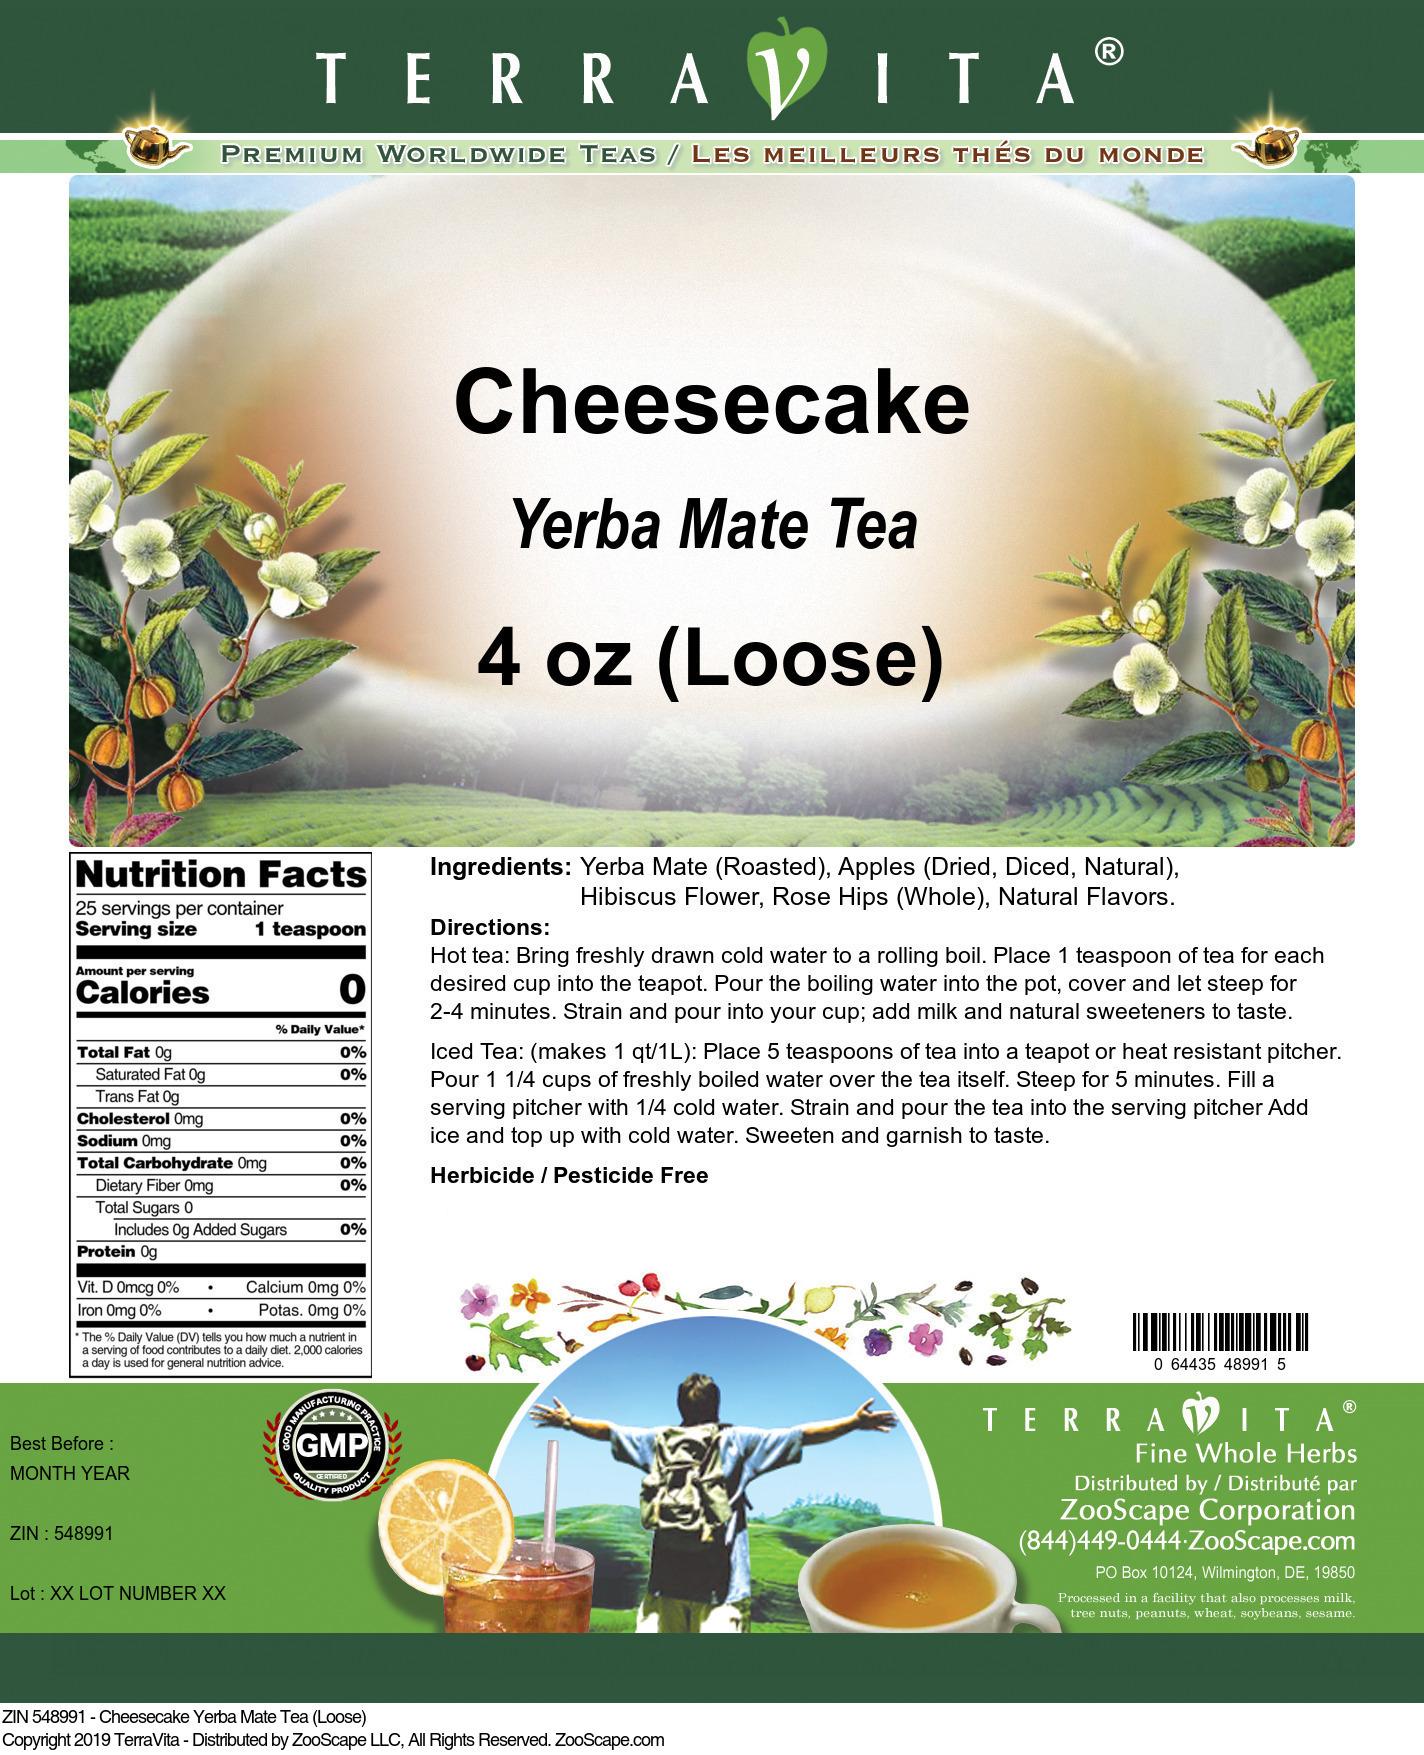 Cheesecake Yerba Mate